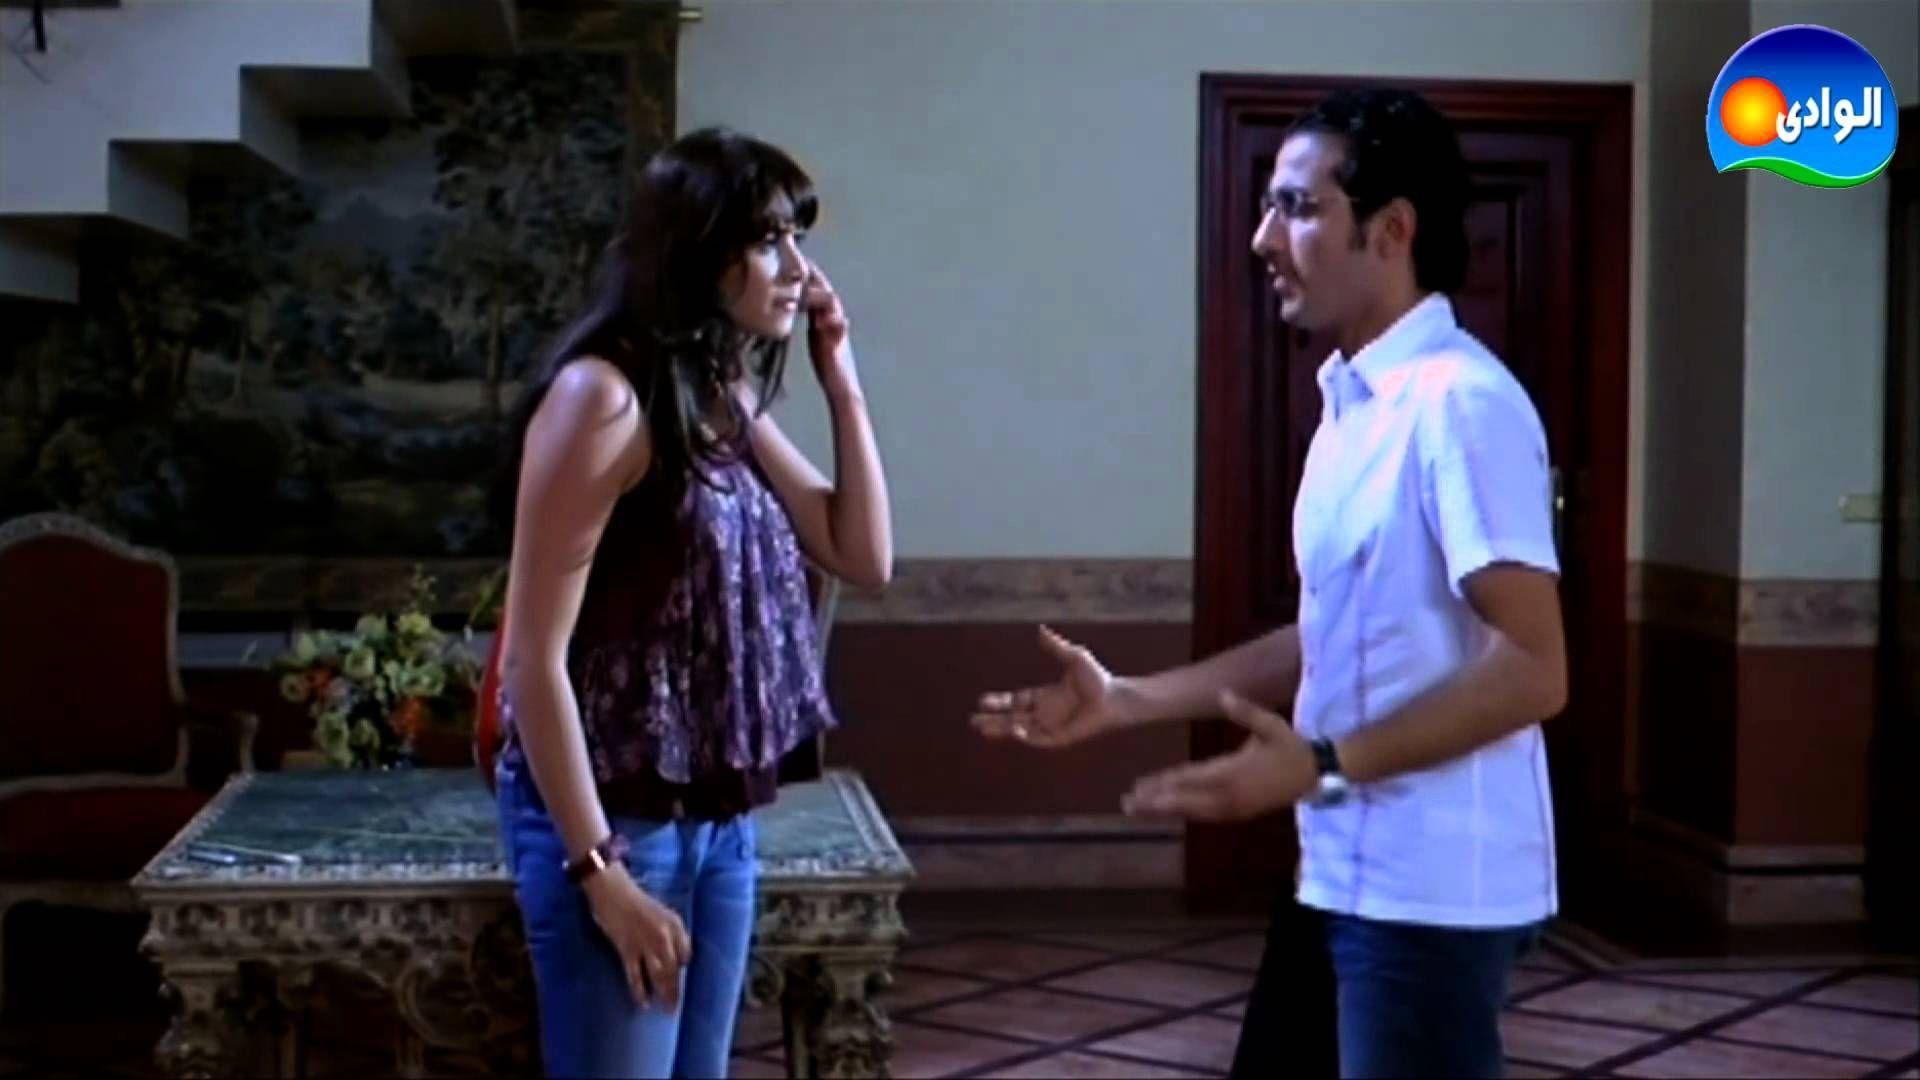 GRATUIT EGYPTIEN CHAHATA FILM TÉLÉCHARGER DOKAN